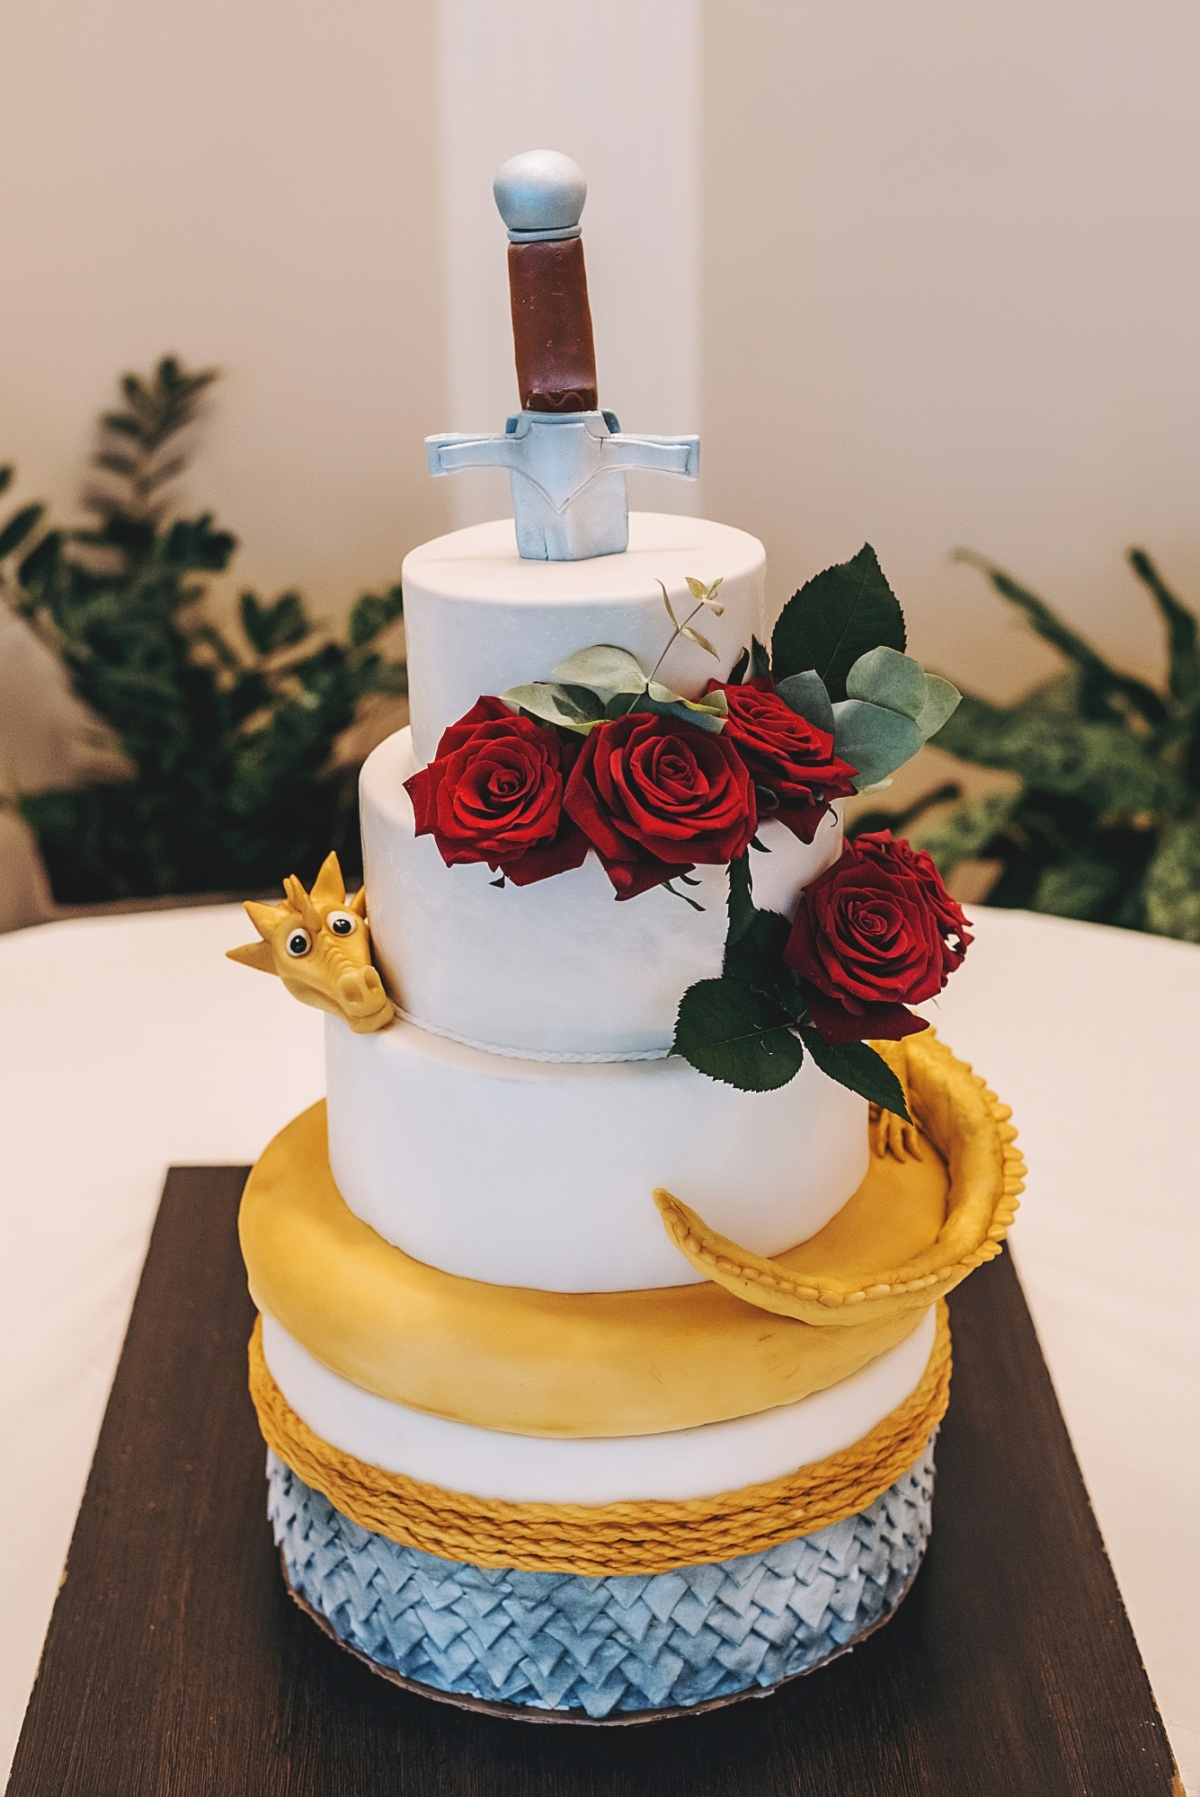 Даже торт охранял дракон